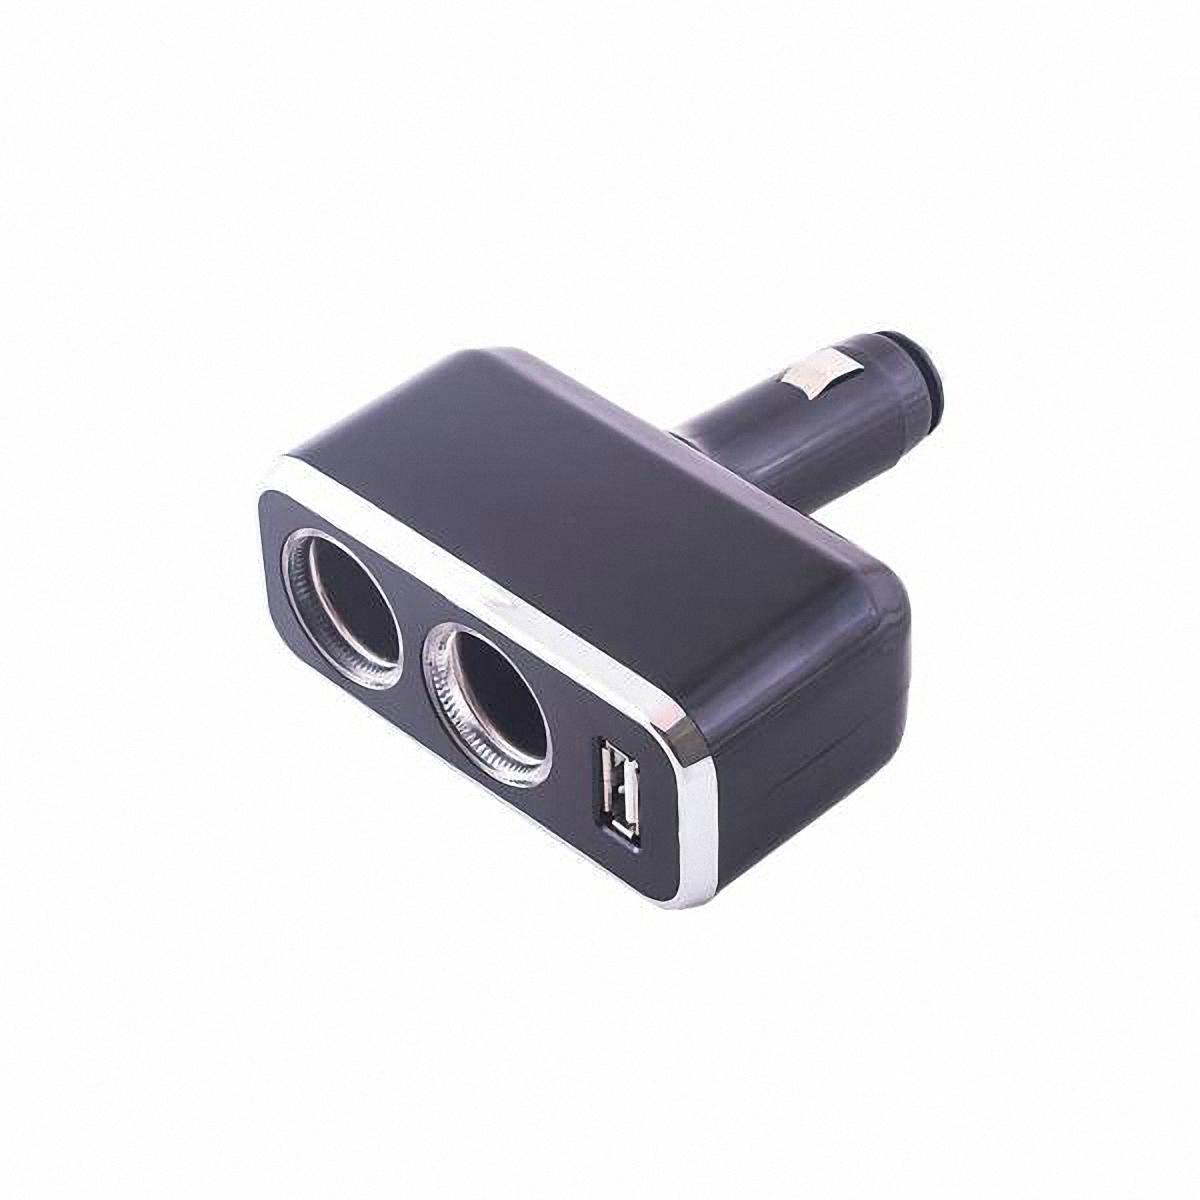 Skyway Разветвитель прикуривателя 2 гнезда + USB. S023010212012506200424Количество гнёзд: 2Количество USB-портов: 1 Устройство вращается на 180°, вверх и вниз.Устройство используется при мощности 7А.Общая мощность 80 Ватт Предохранитель 5 А. Потребляемая мощность 12 - 24 В